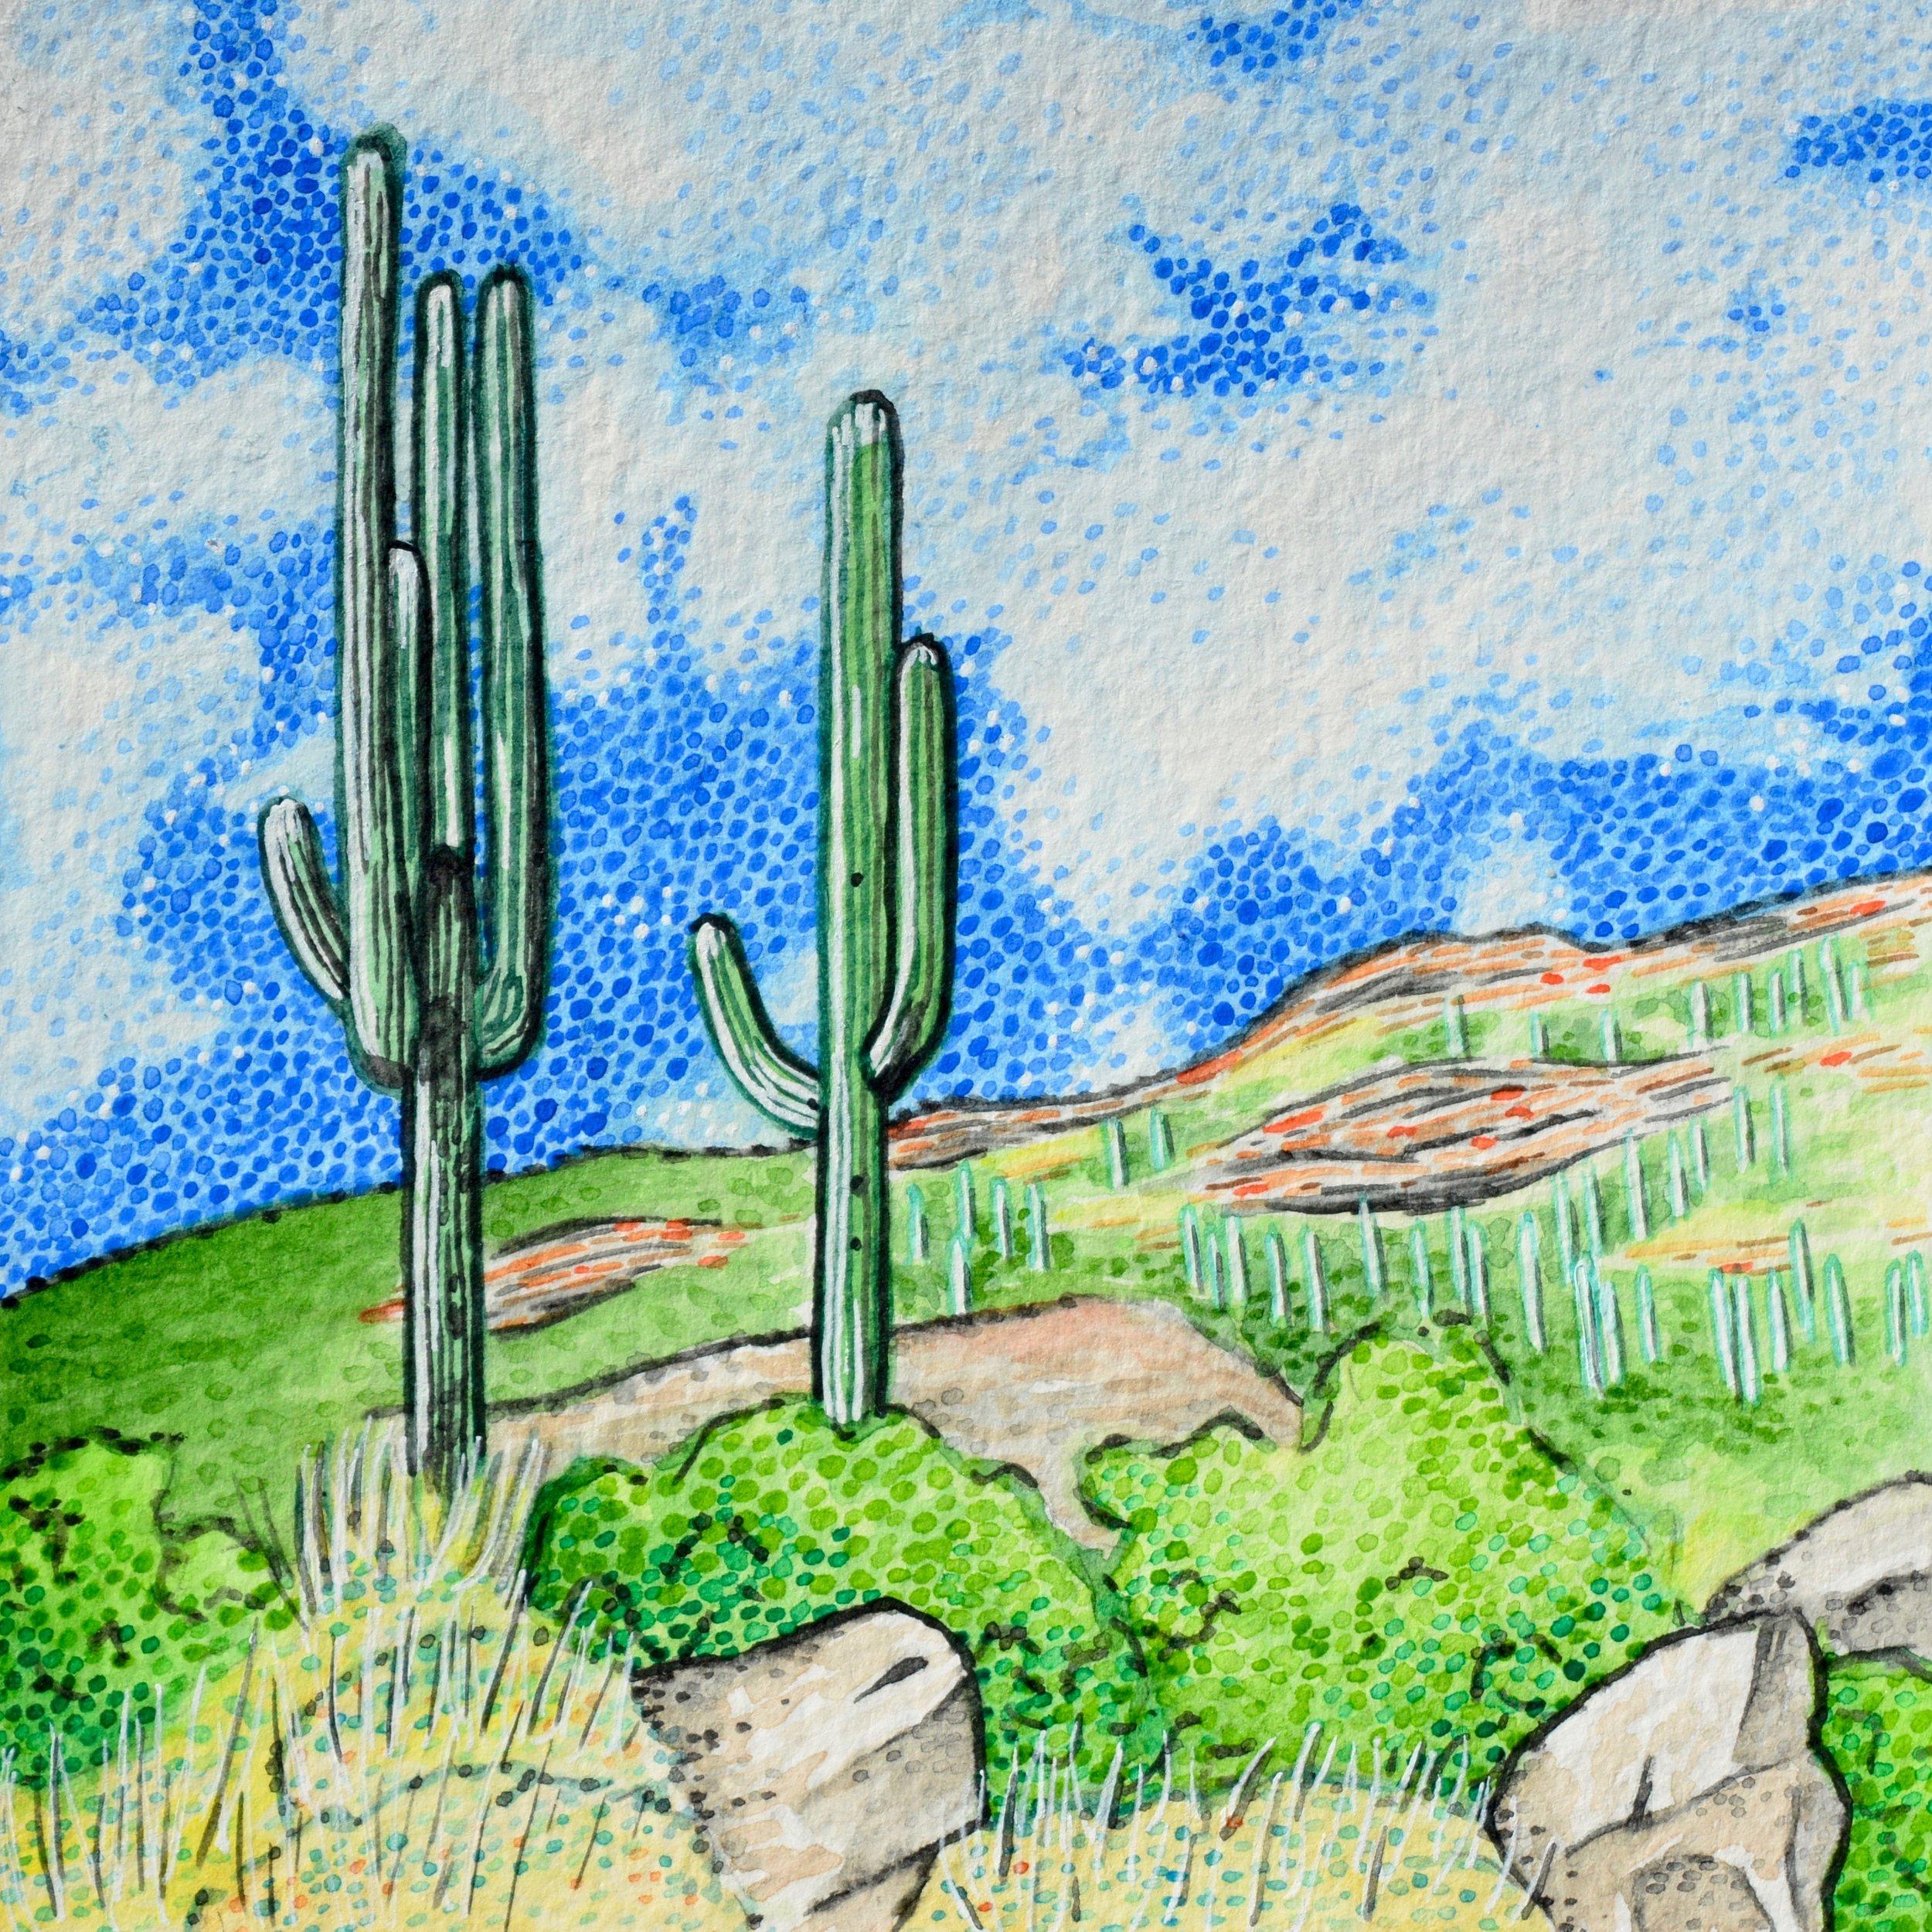 Tucson, Arizona: 9/5/17, 14:12:55